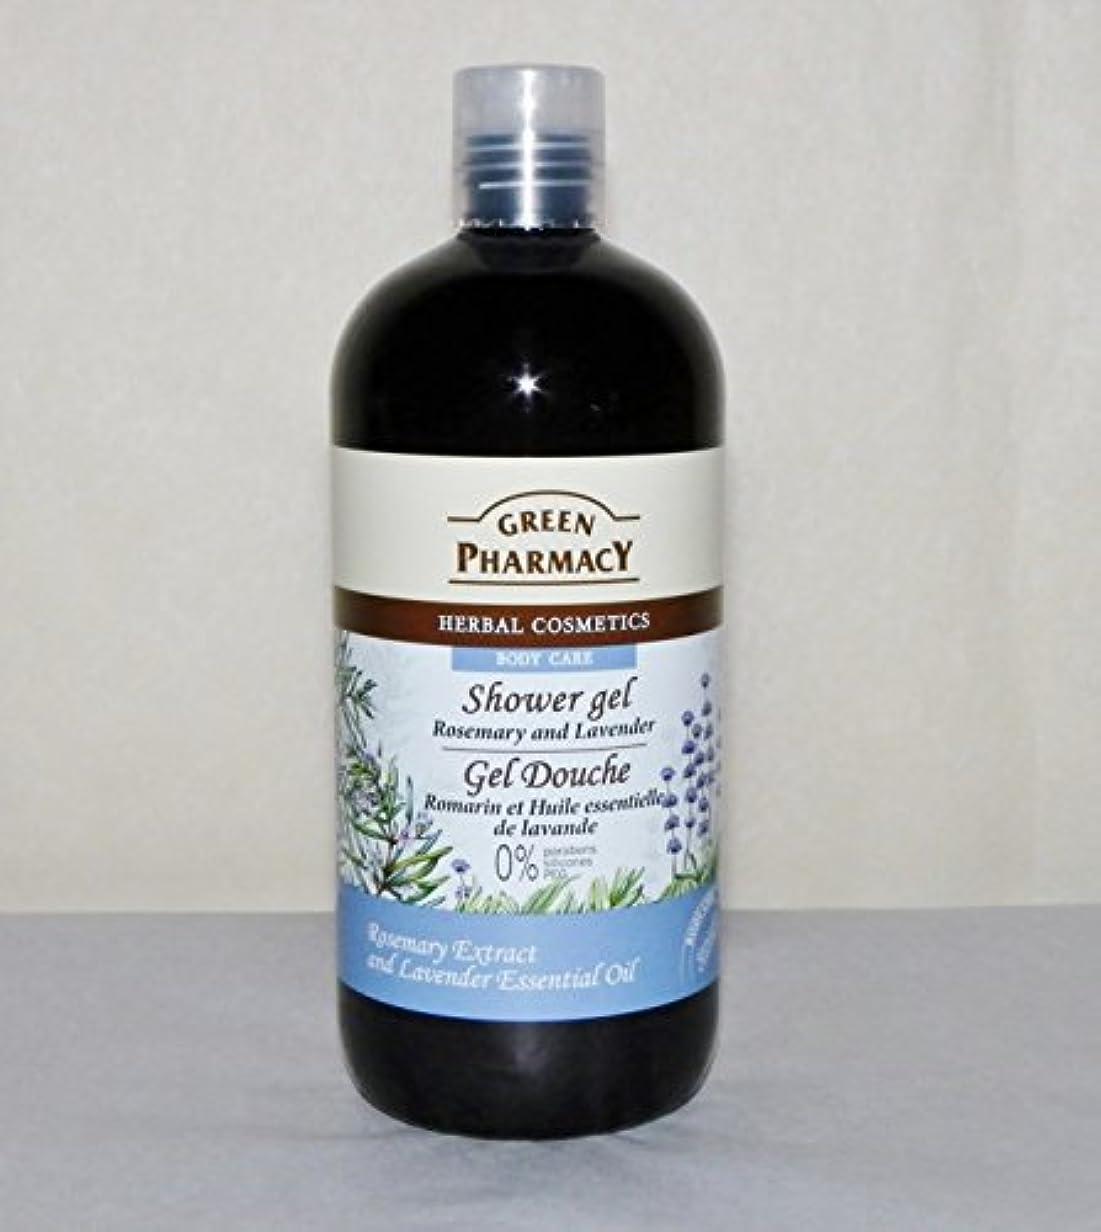 ボットタイトル常習的Elfa Pharm Green Pharmacy グリーンファーマシー Shower Gel シャワージェル Rosemary&Lavender